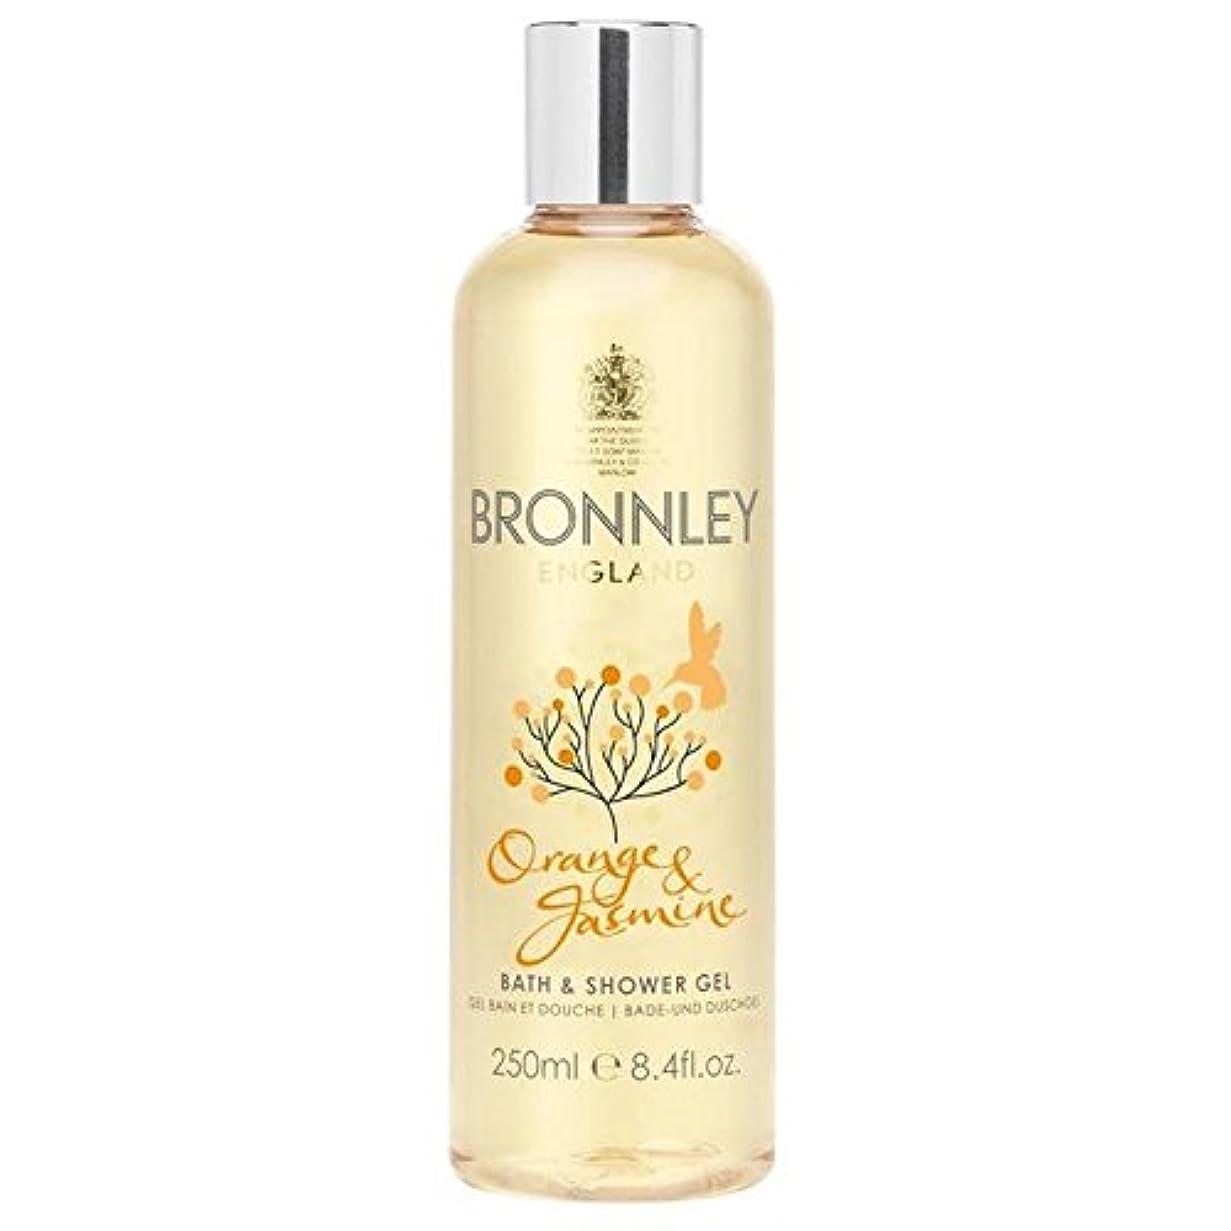 邪魔開発布Bronnley Orange & Jasmine Bath & Shower Gel 250ml (Pack of 6) - オレンジ&ジャスミンバス&シャワージェル250ミリリットル x6 [並行輸入品]